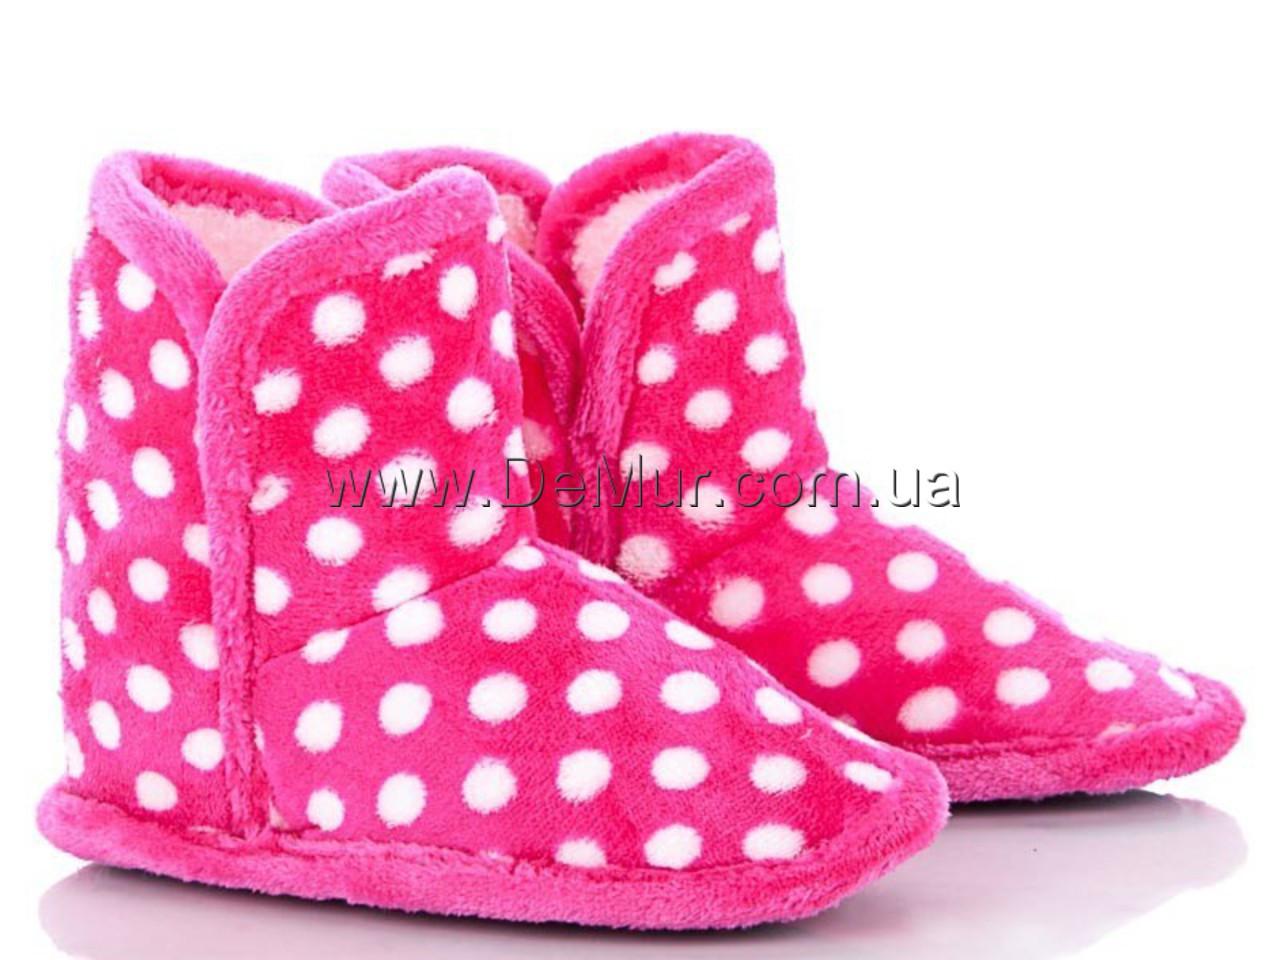 Тапки для дома детские (30-35) Cinar-VAL-05 - DeMur интернет-магазин обуви в Одессе